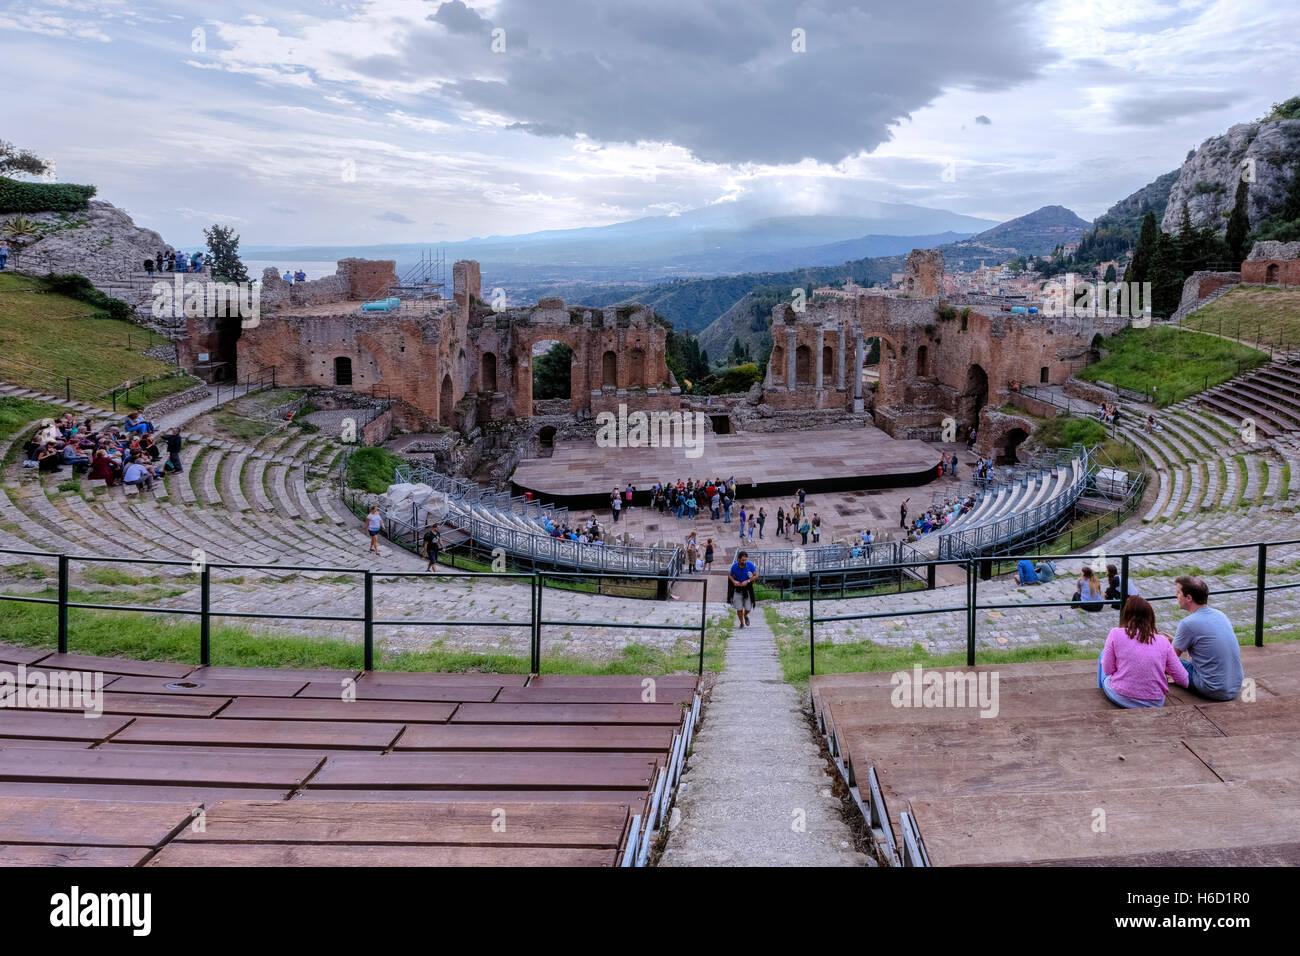 Teatro Greco, Taormina, Sicily, Italy Stock Photo